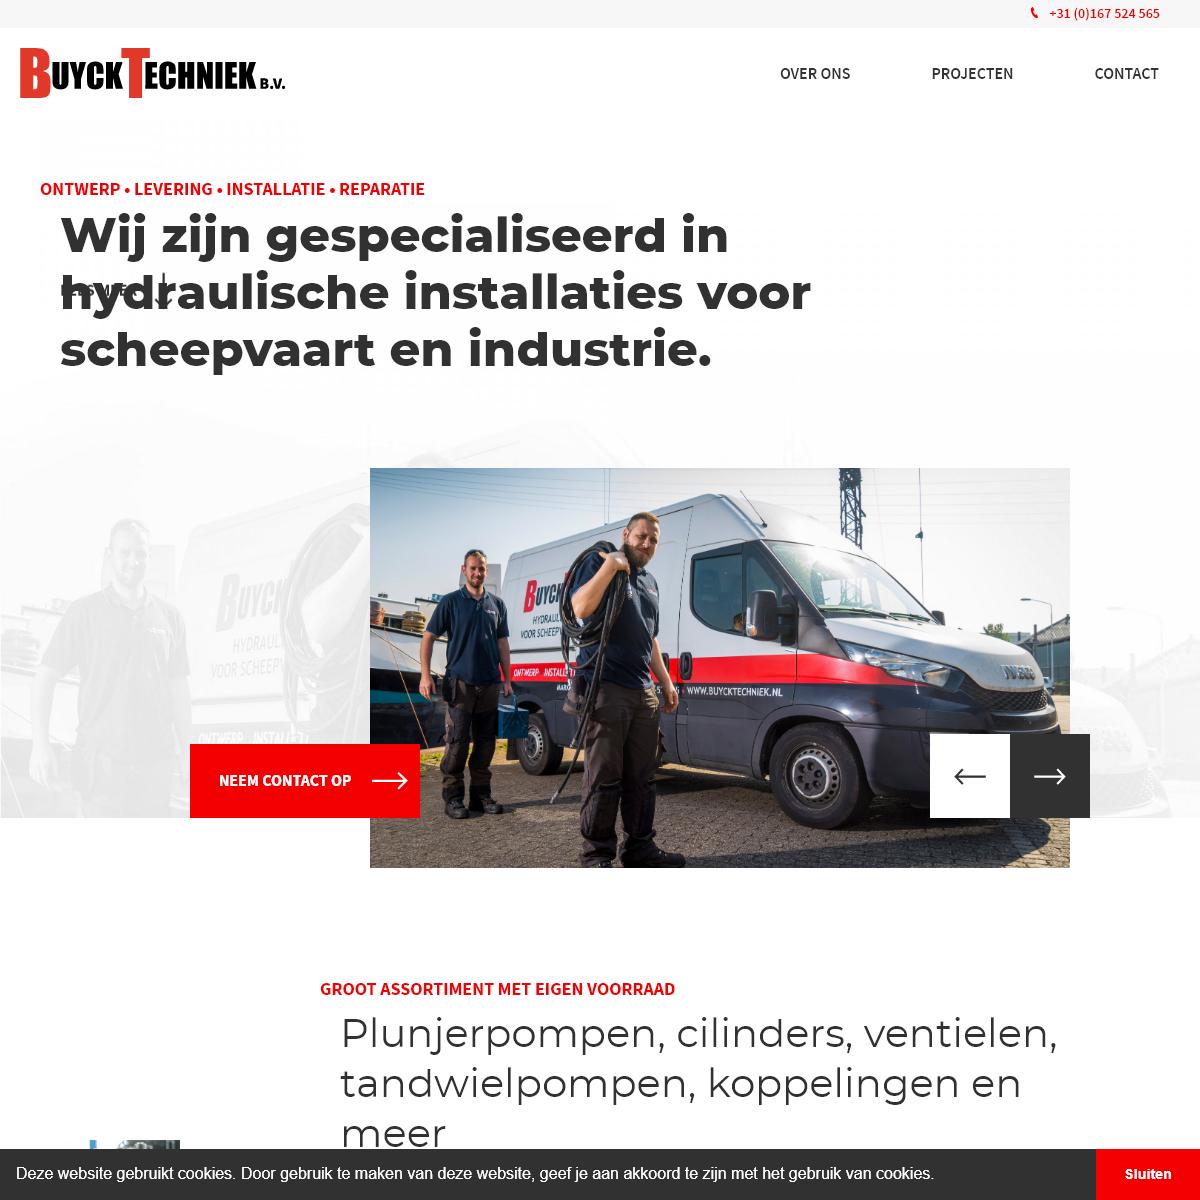 Gespecialiseerd in hydraulische installaties voor scheepvaart en industrie - Buyck Techniek